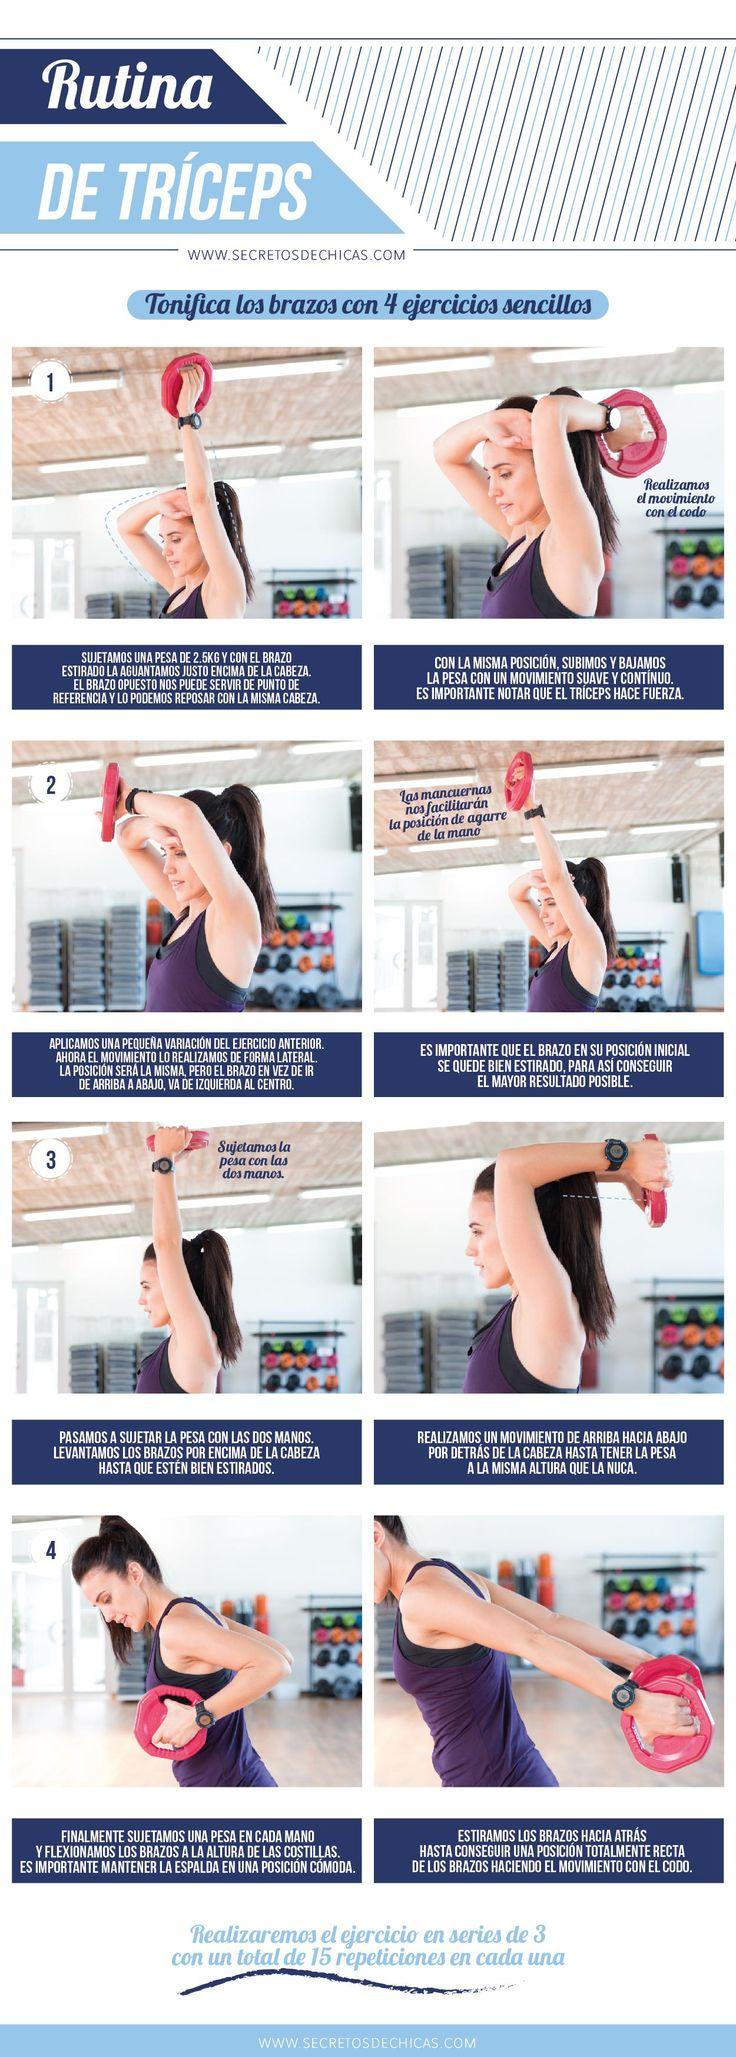 Rutina de ejercicio que puedes hacer para tonificar brazos ;) #estudiantes #deporte #umayor